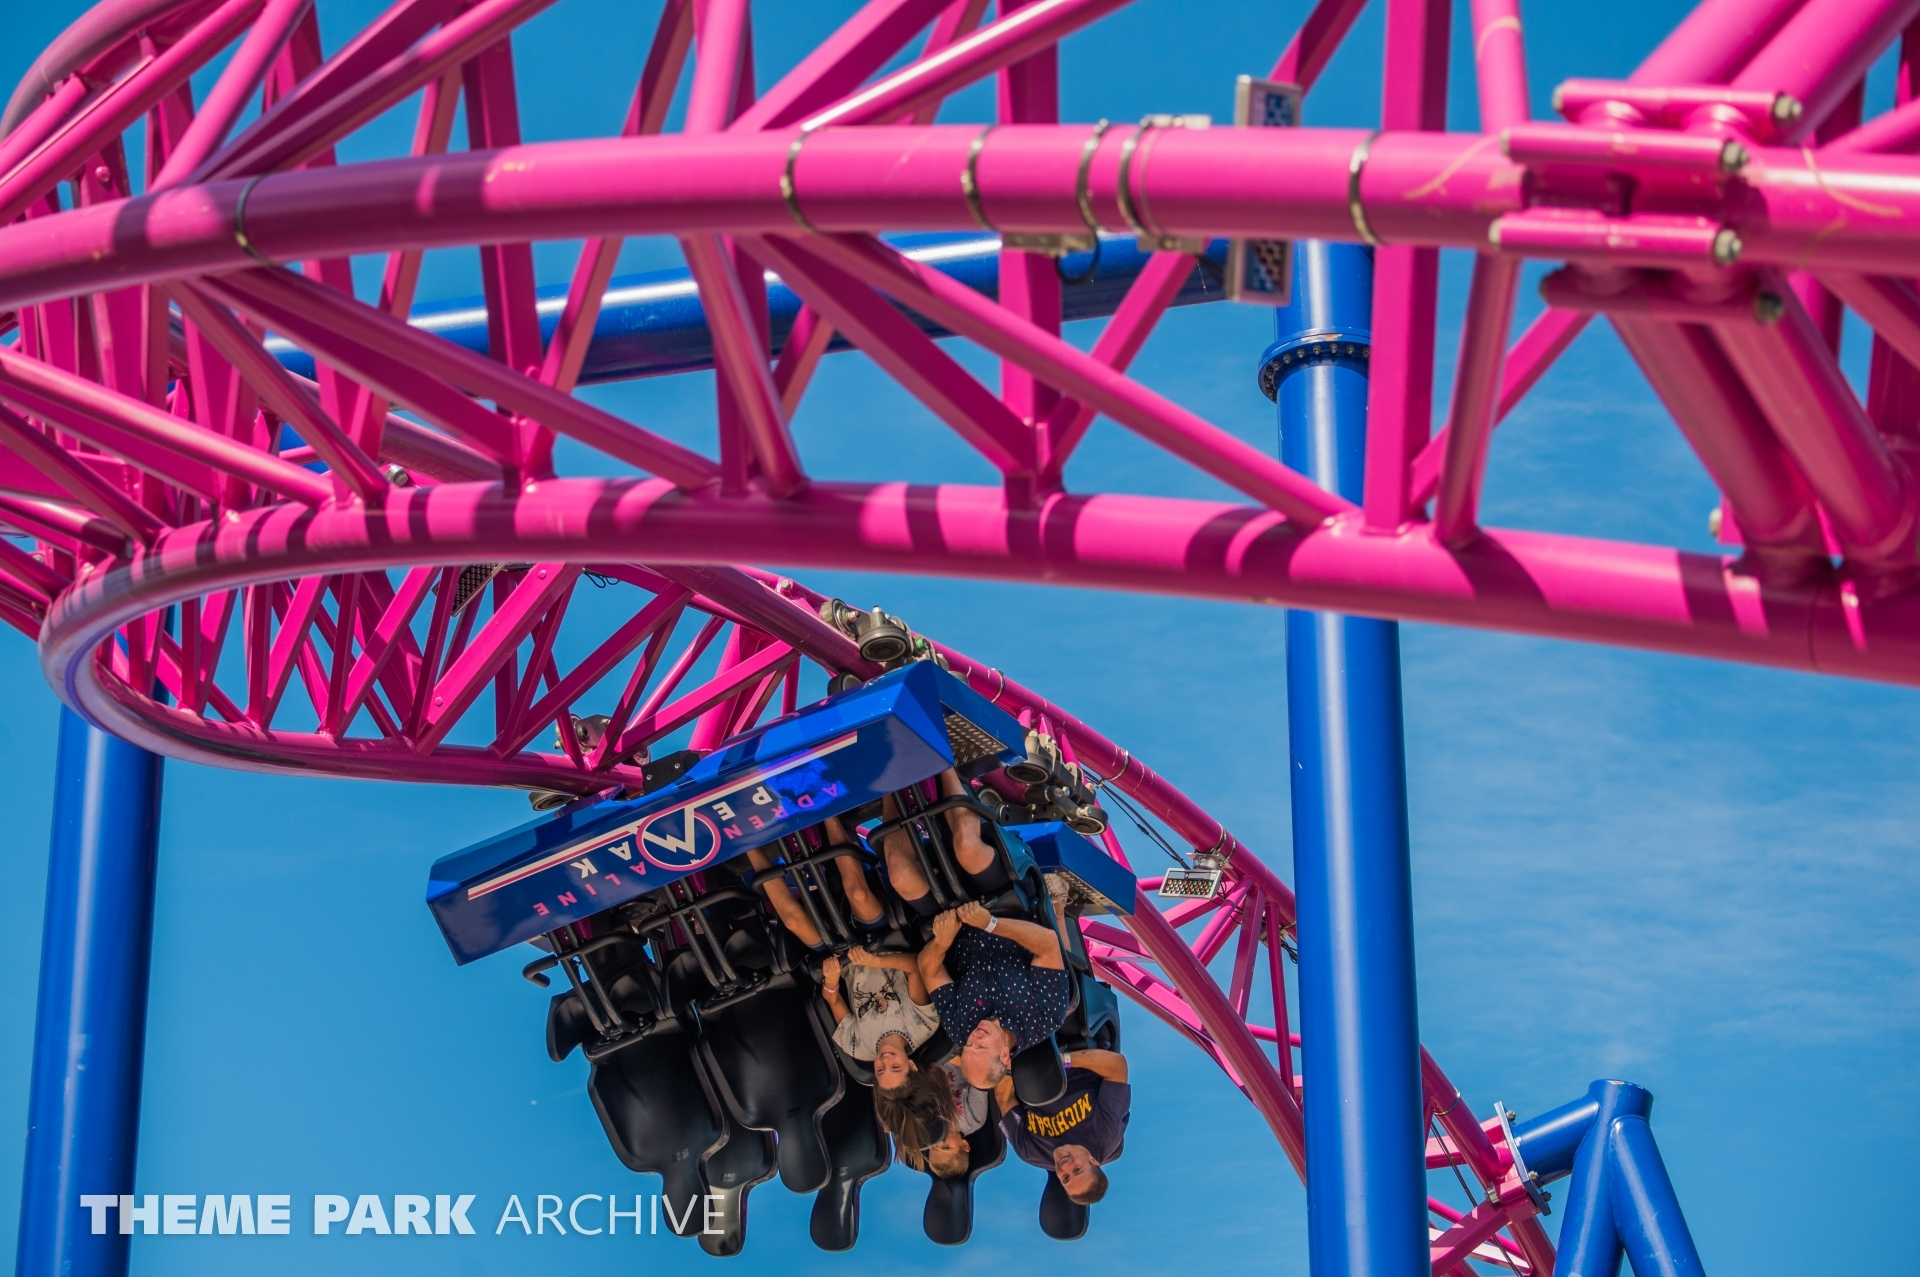 Adrenaline Peak at Oaks Park